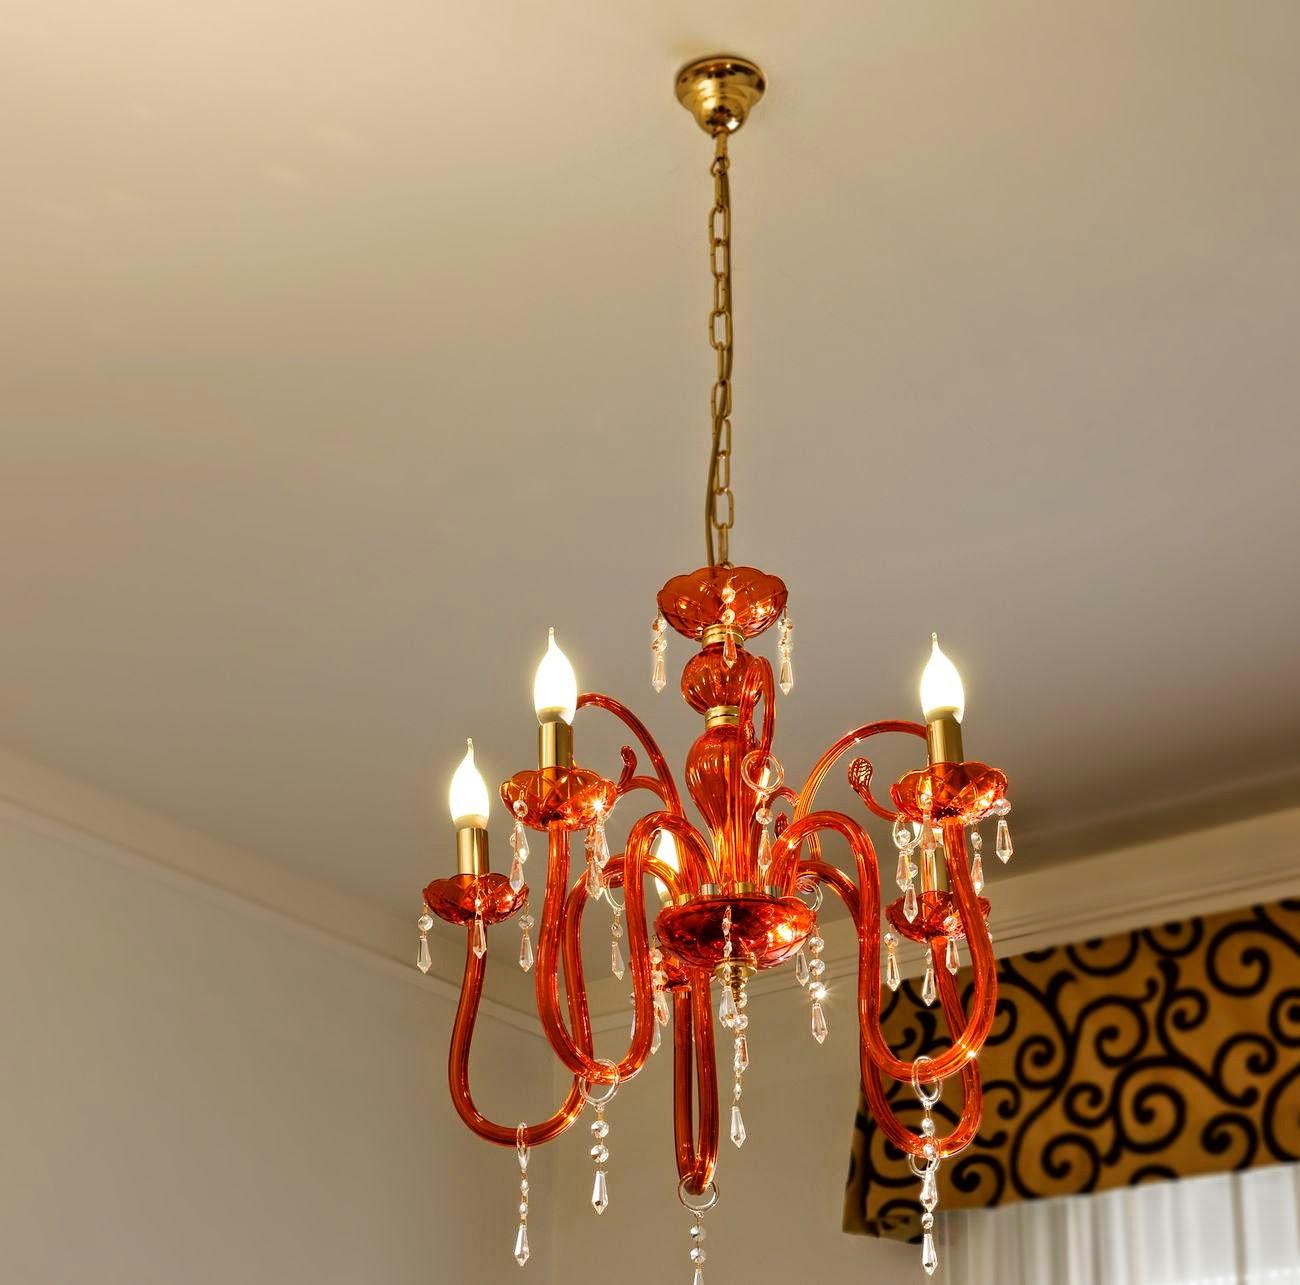 Lampade Pendenti Moderne: Lampadari moderni e design, lampade a ...